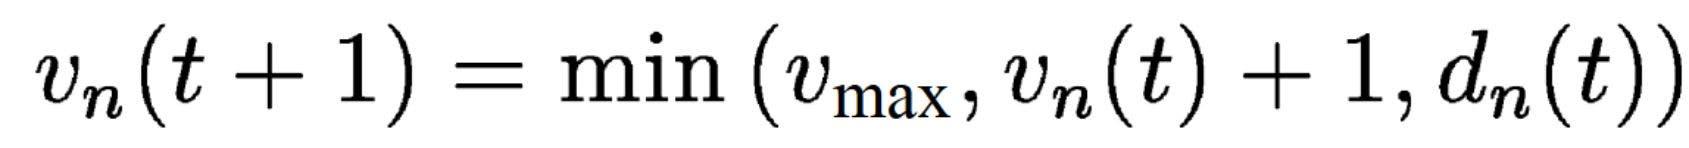 Die Formel hinter dem Nagel-Schreckenberg-Modell